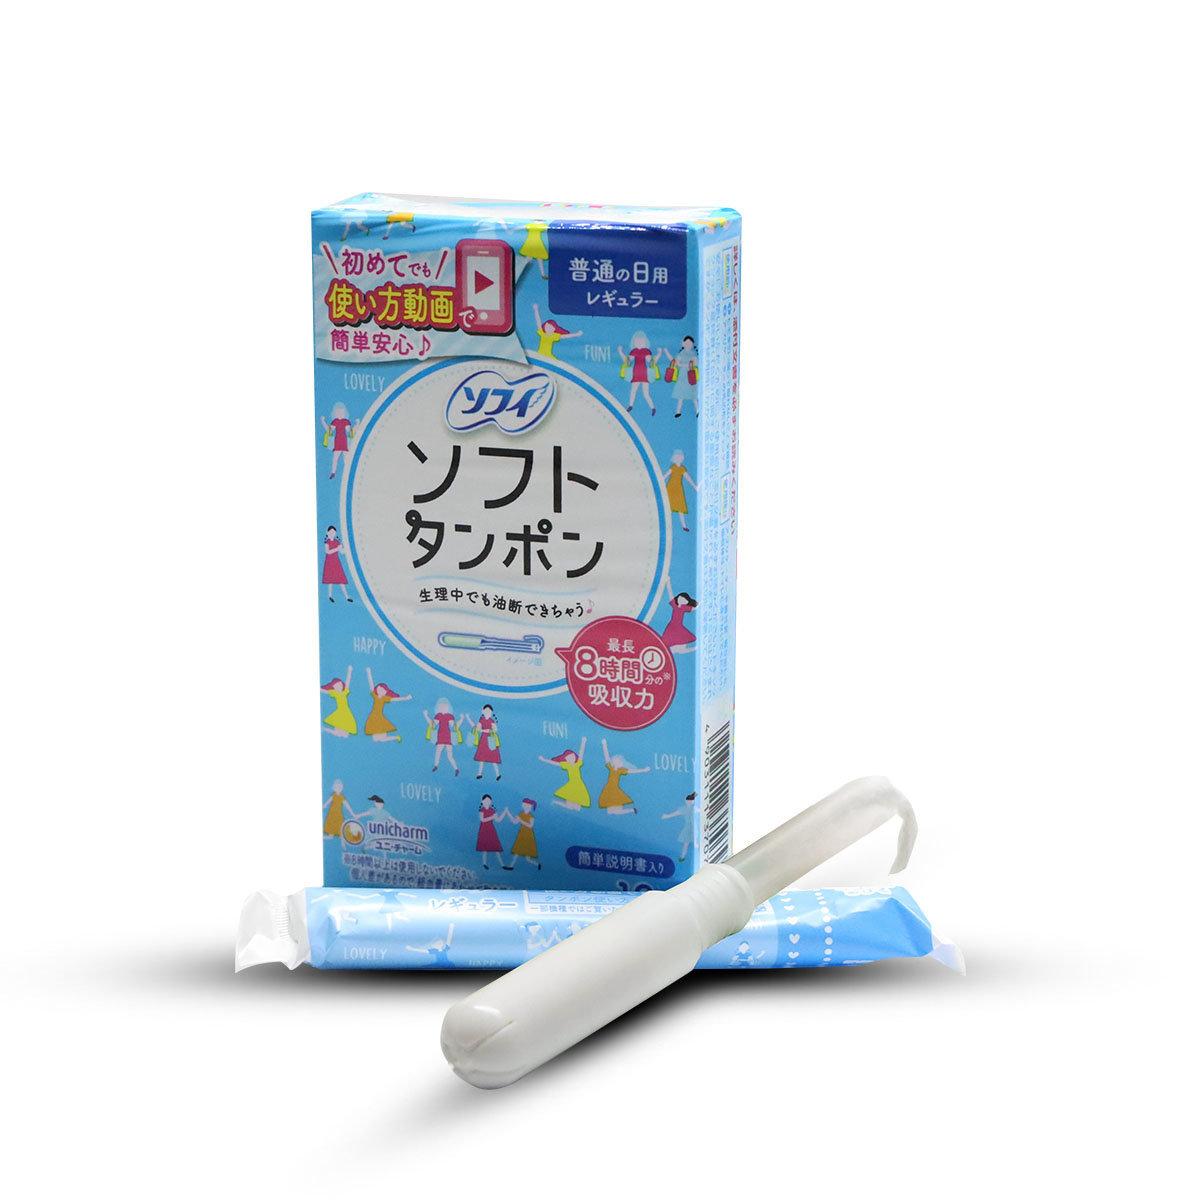 導管式軟性衛生巾棉條 常規型 (10條裝)